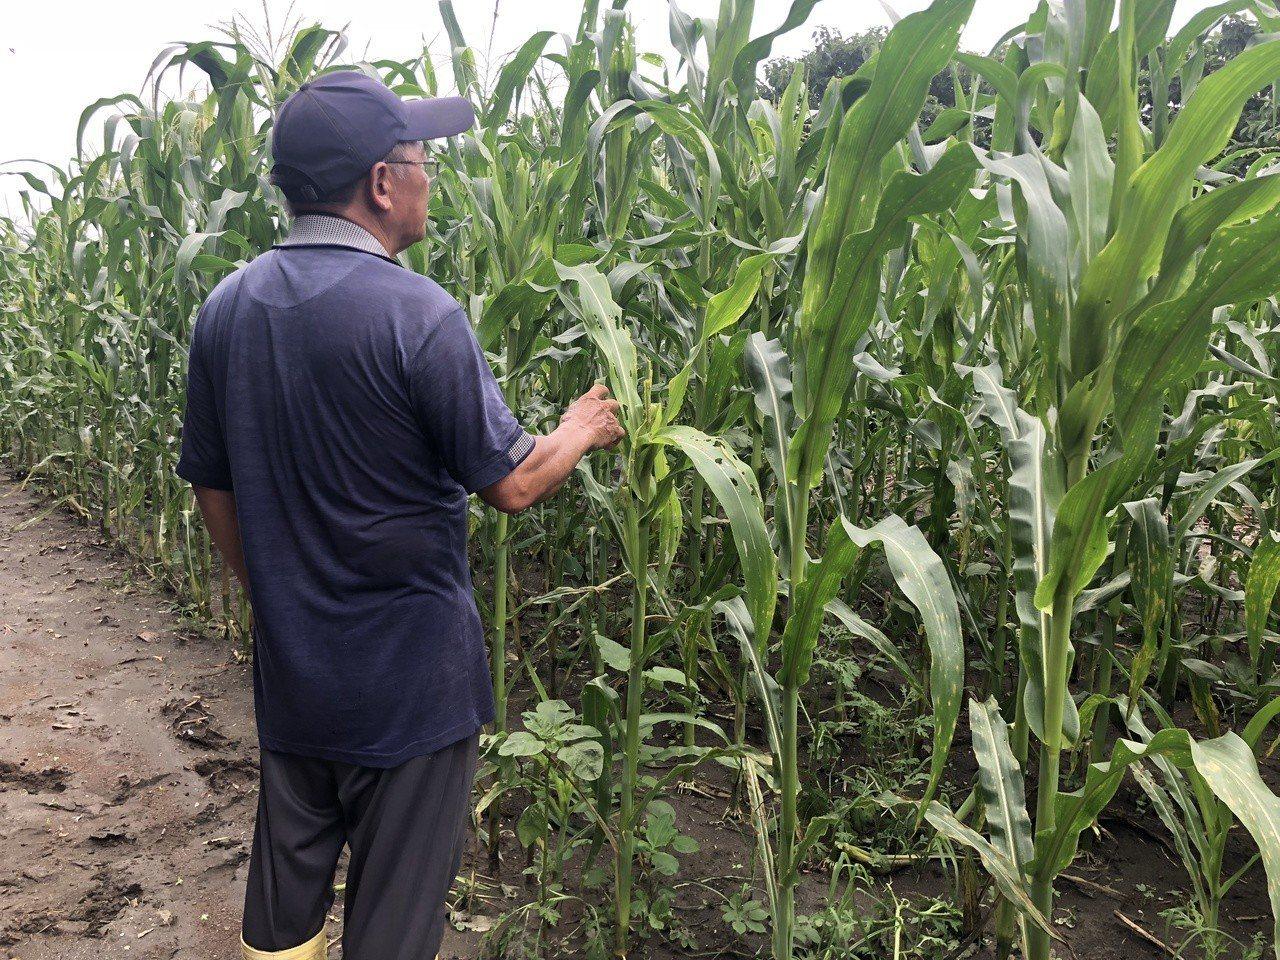 芳苑鄉陳姓農民今天通報自己的玉米園疑似有秋行軍蟲入侵。記者林敬家/攝影